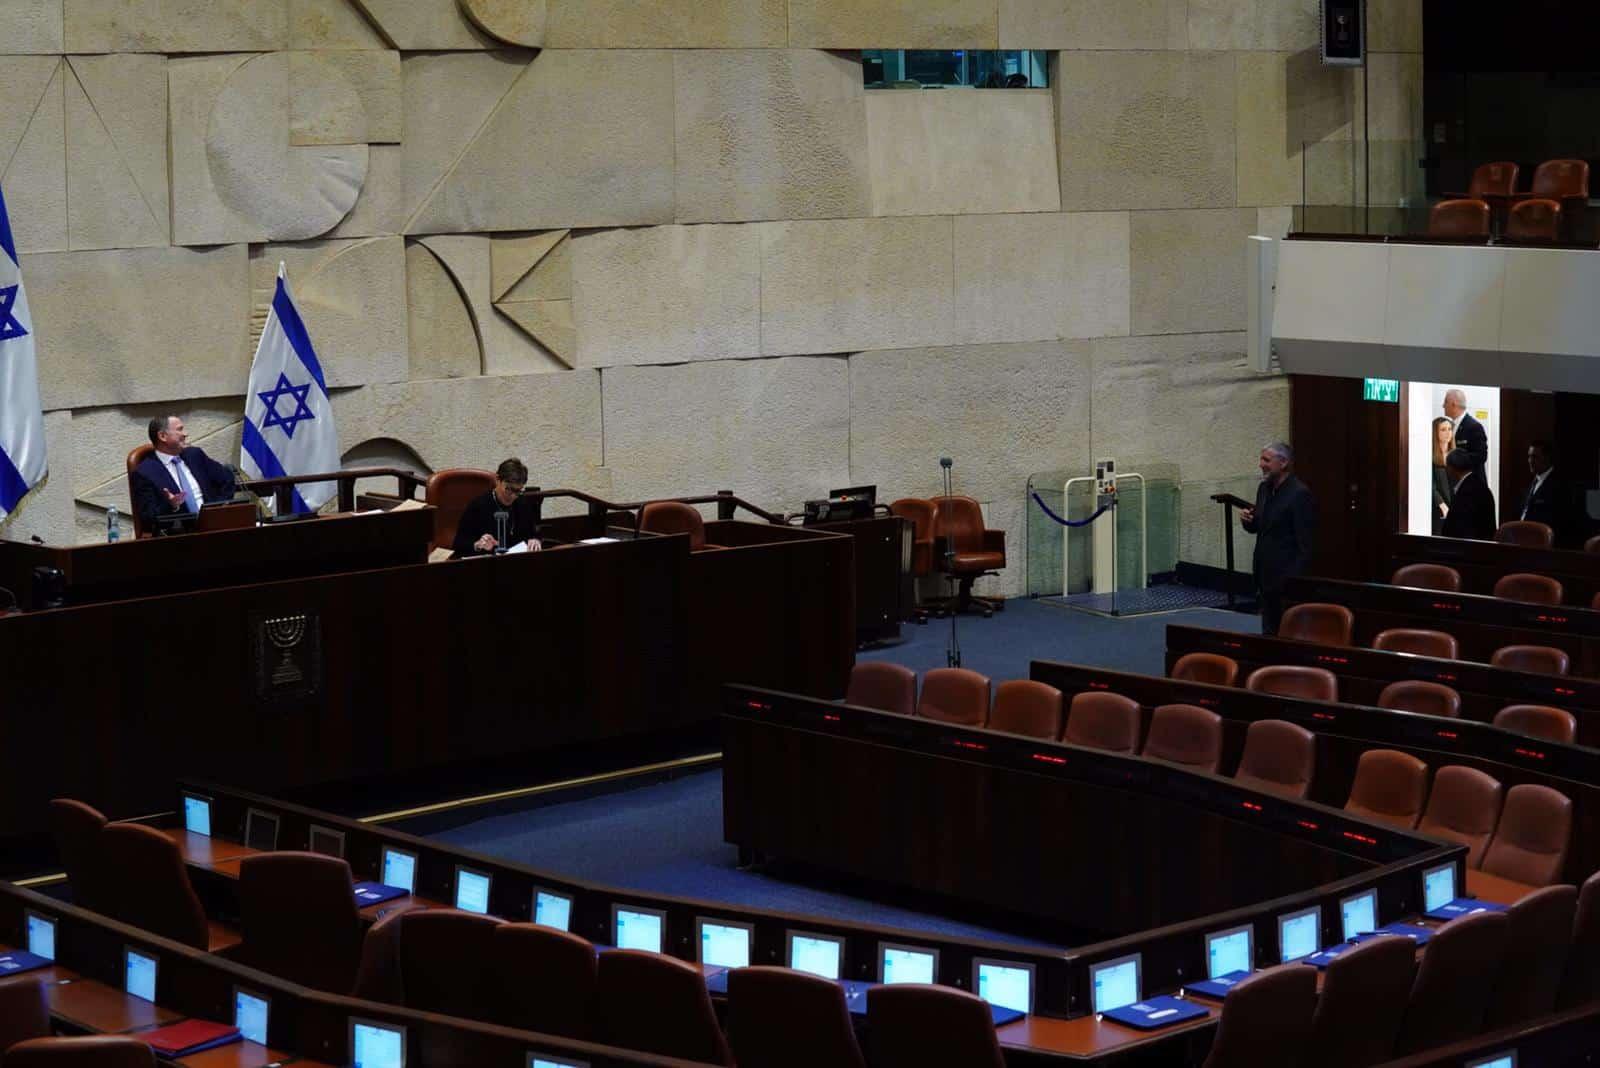 Golosovanie v Knessete v usloviyah karantina